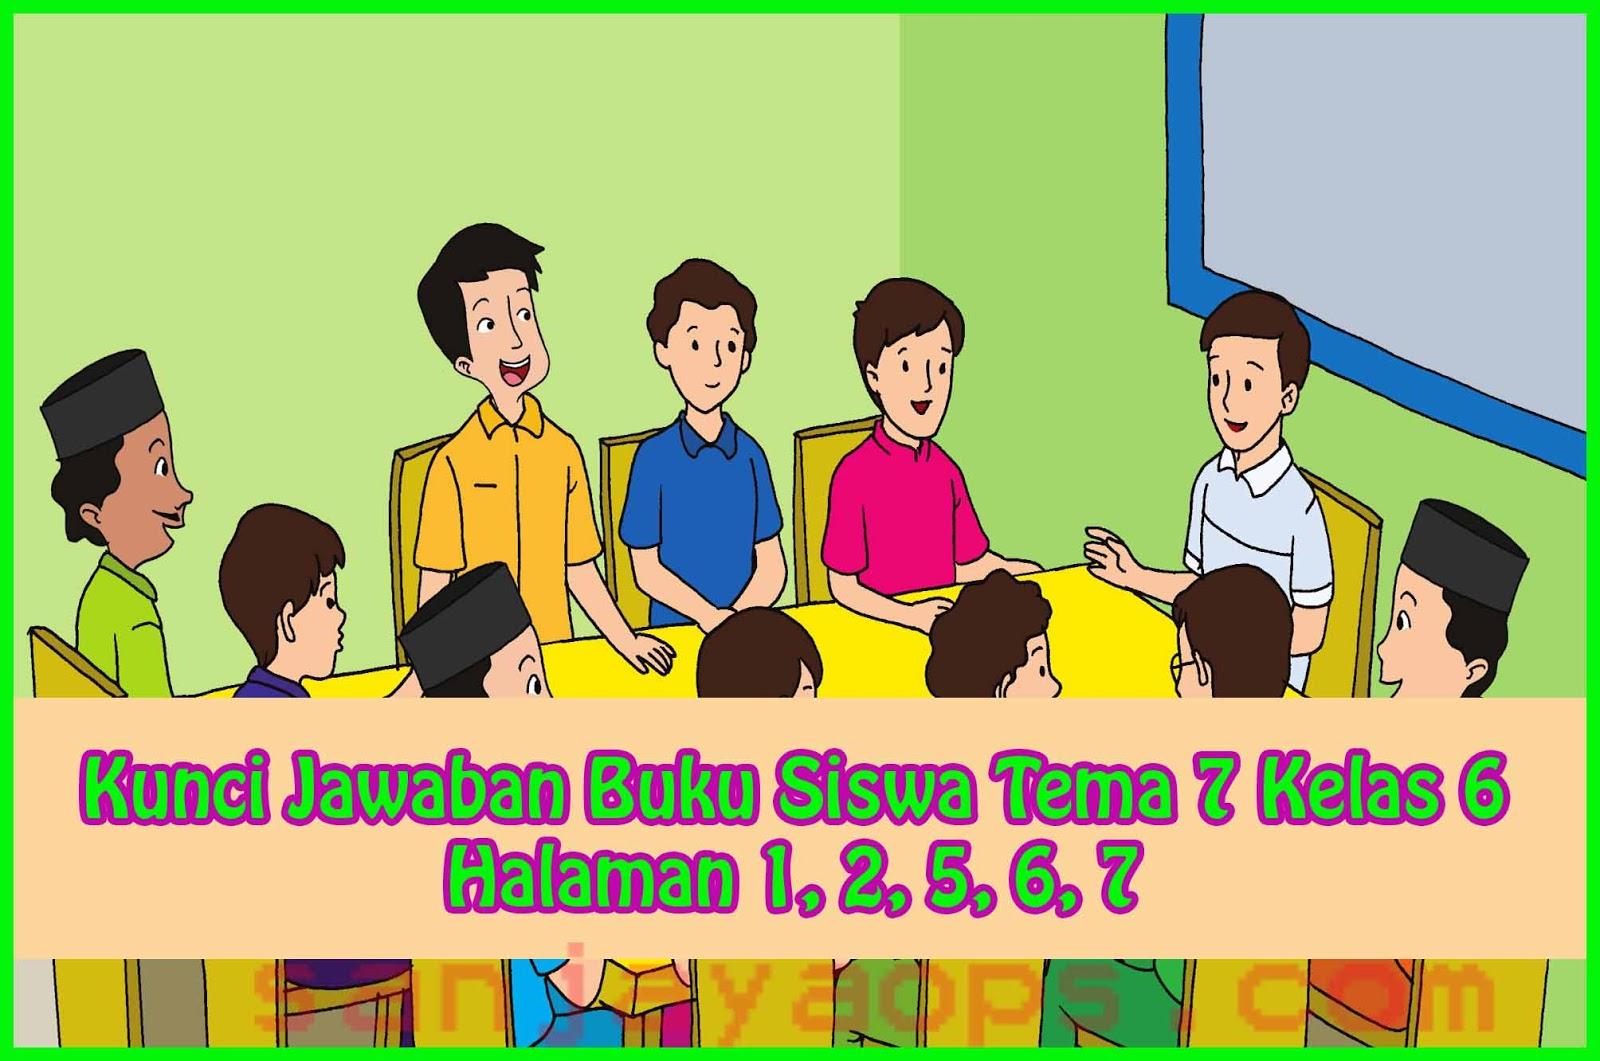 Kunci Jawaban Buku Siswa Tema 7 Kelas 6 Halaman 1 2 5 6 7 Sanjayaops